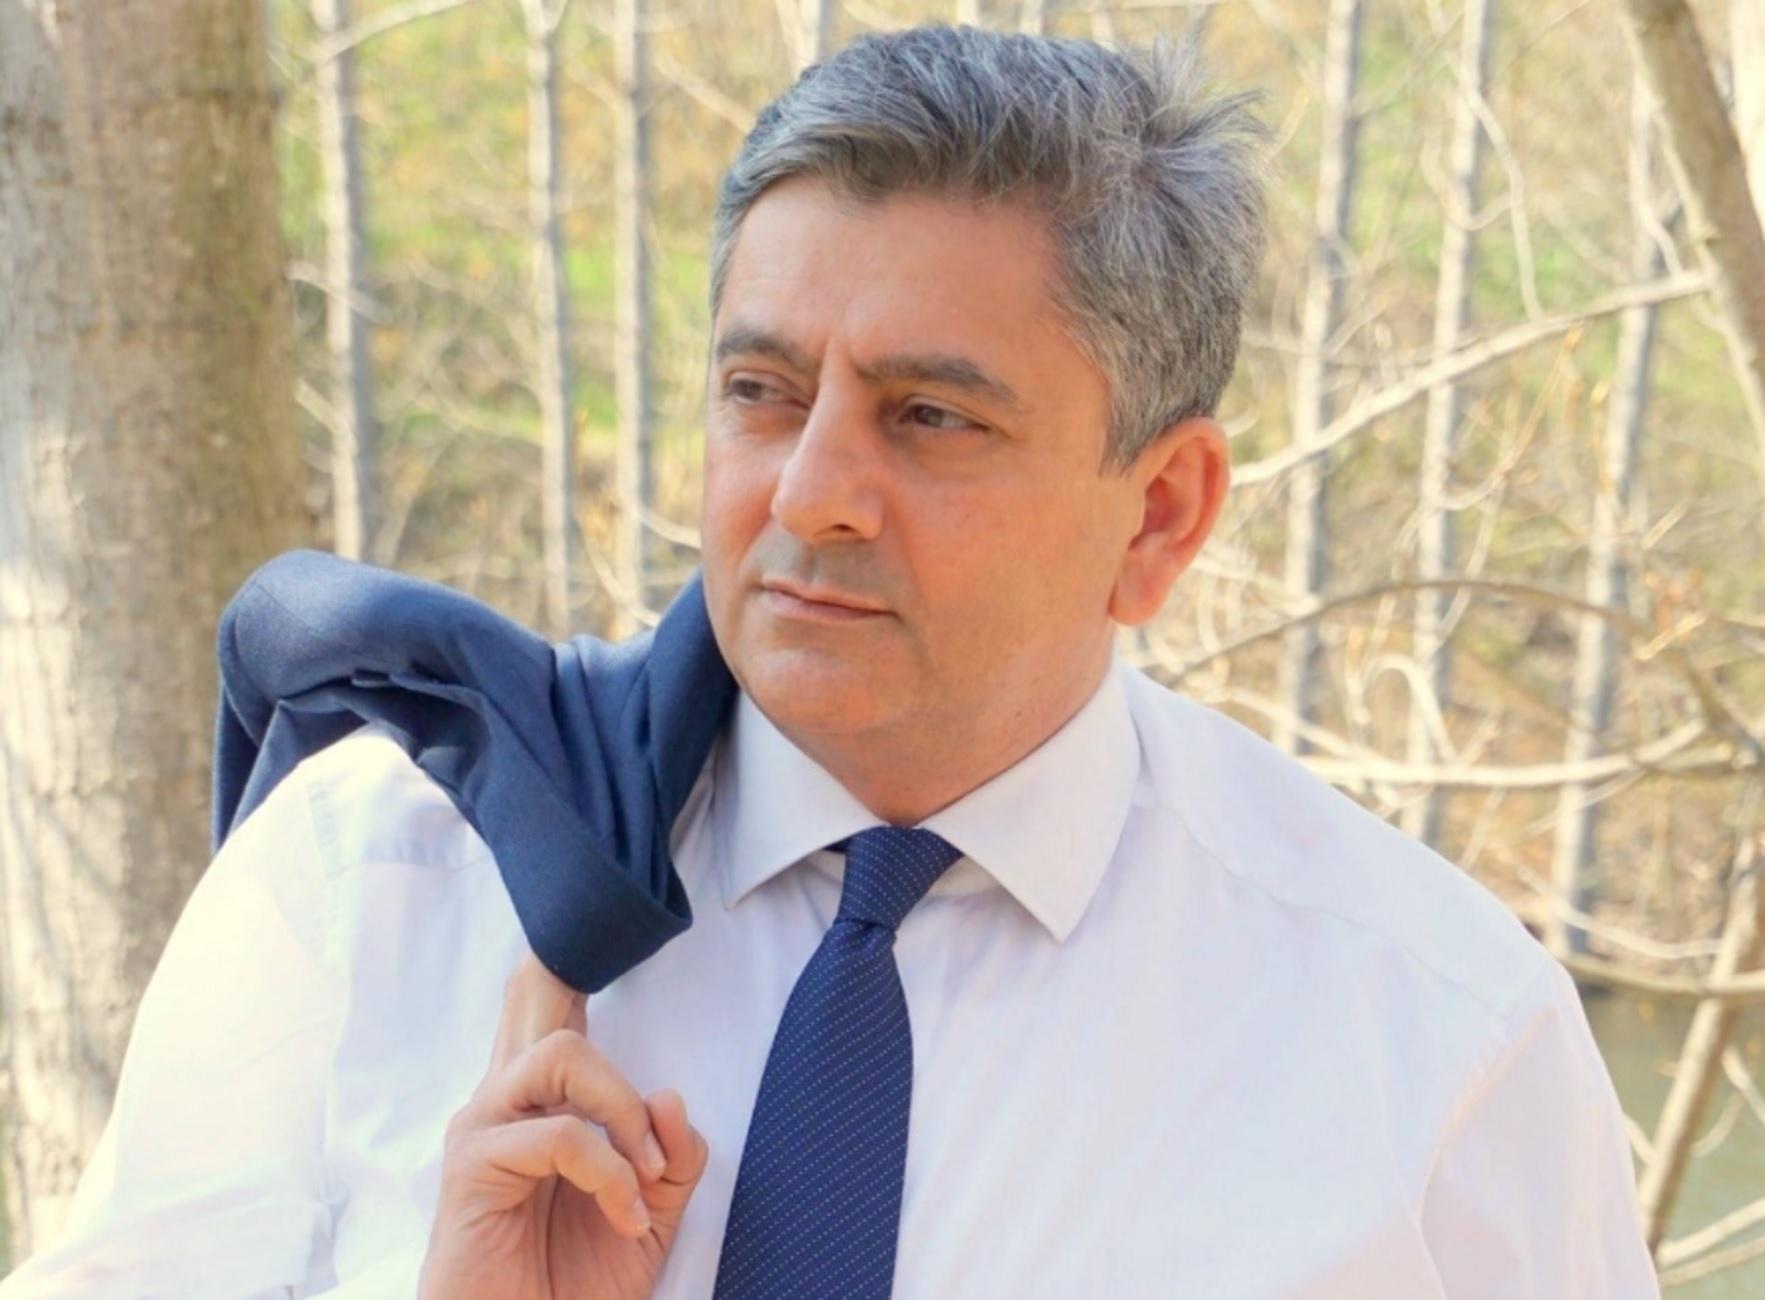 Θεσσαλονίκη: Πέθανε από κορονοϊό ο Γιώργος Προκοπίδης – Λύγισε διασωληνωμένος στην εντατική